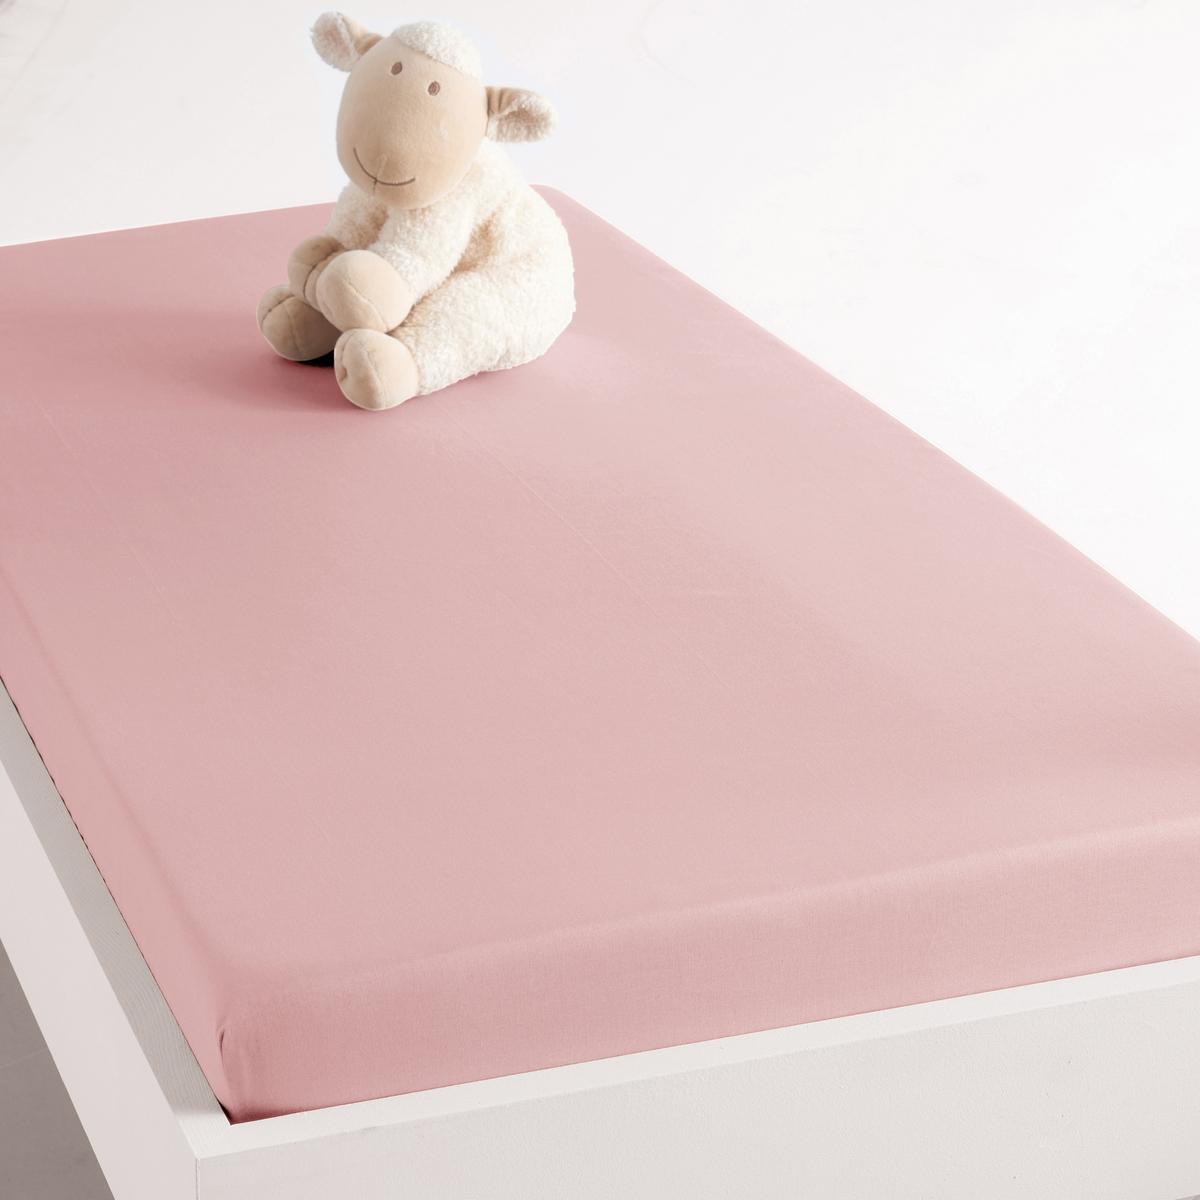 Простыня натяжная для кровати грудных детей из биологического хлопка